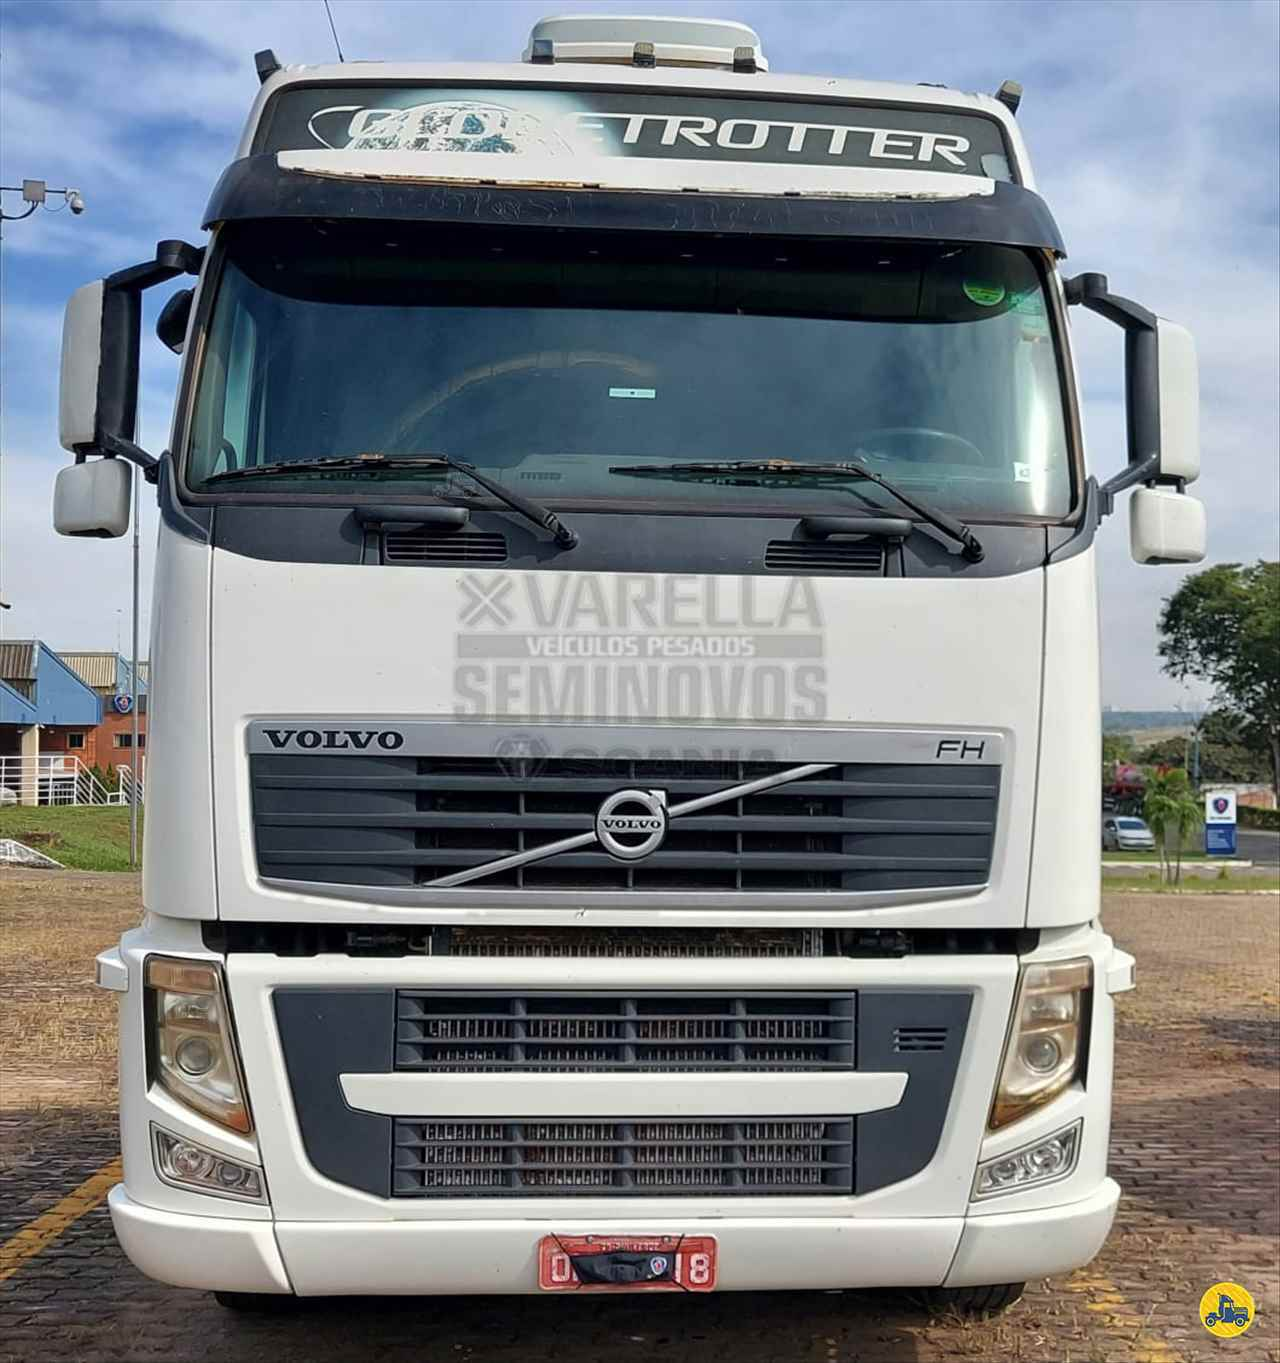 VOLVO FH 460 de Varella Seminovos Scania - APARECIDA DE GOIANIA/GO